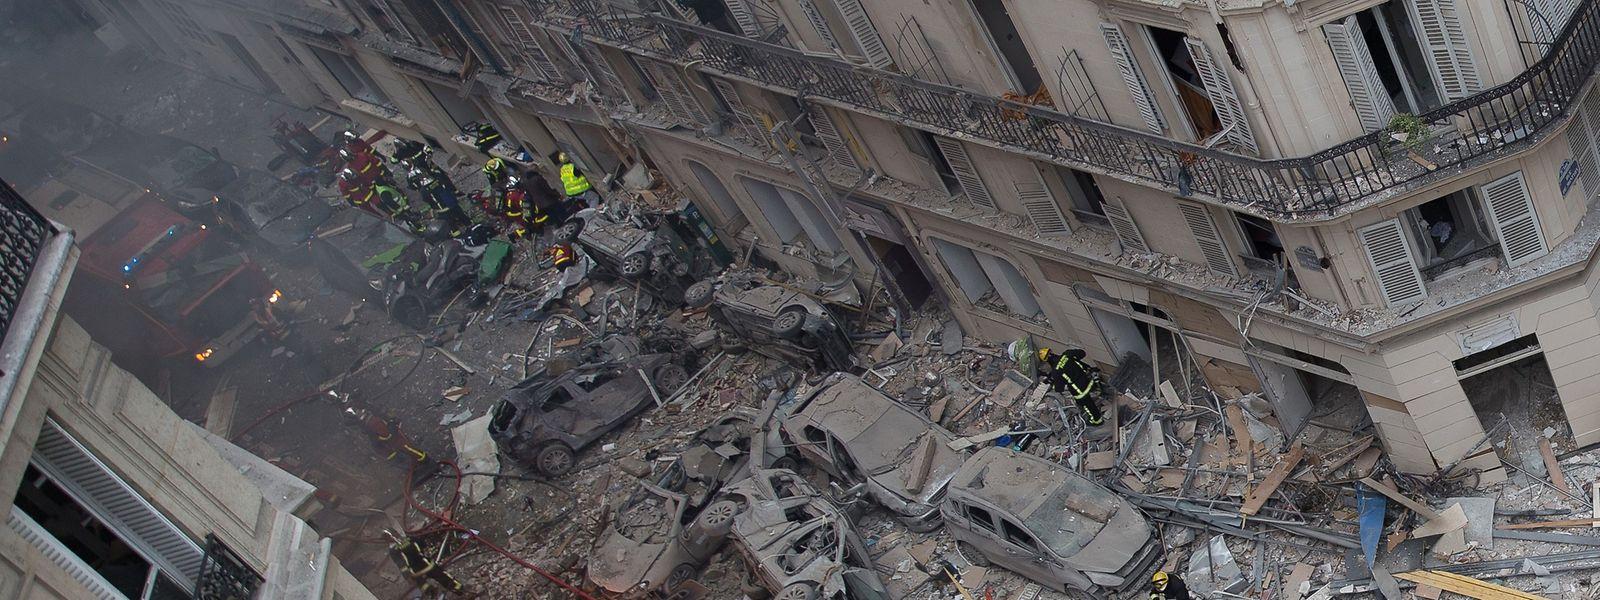 O corpo de uma mulher foi encontrado nos escombros, elevando para quatro o número de vítimas mortais.